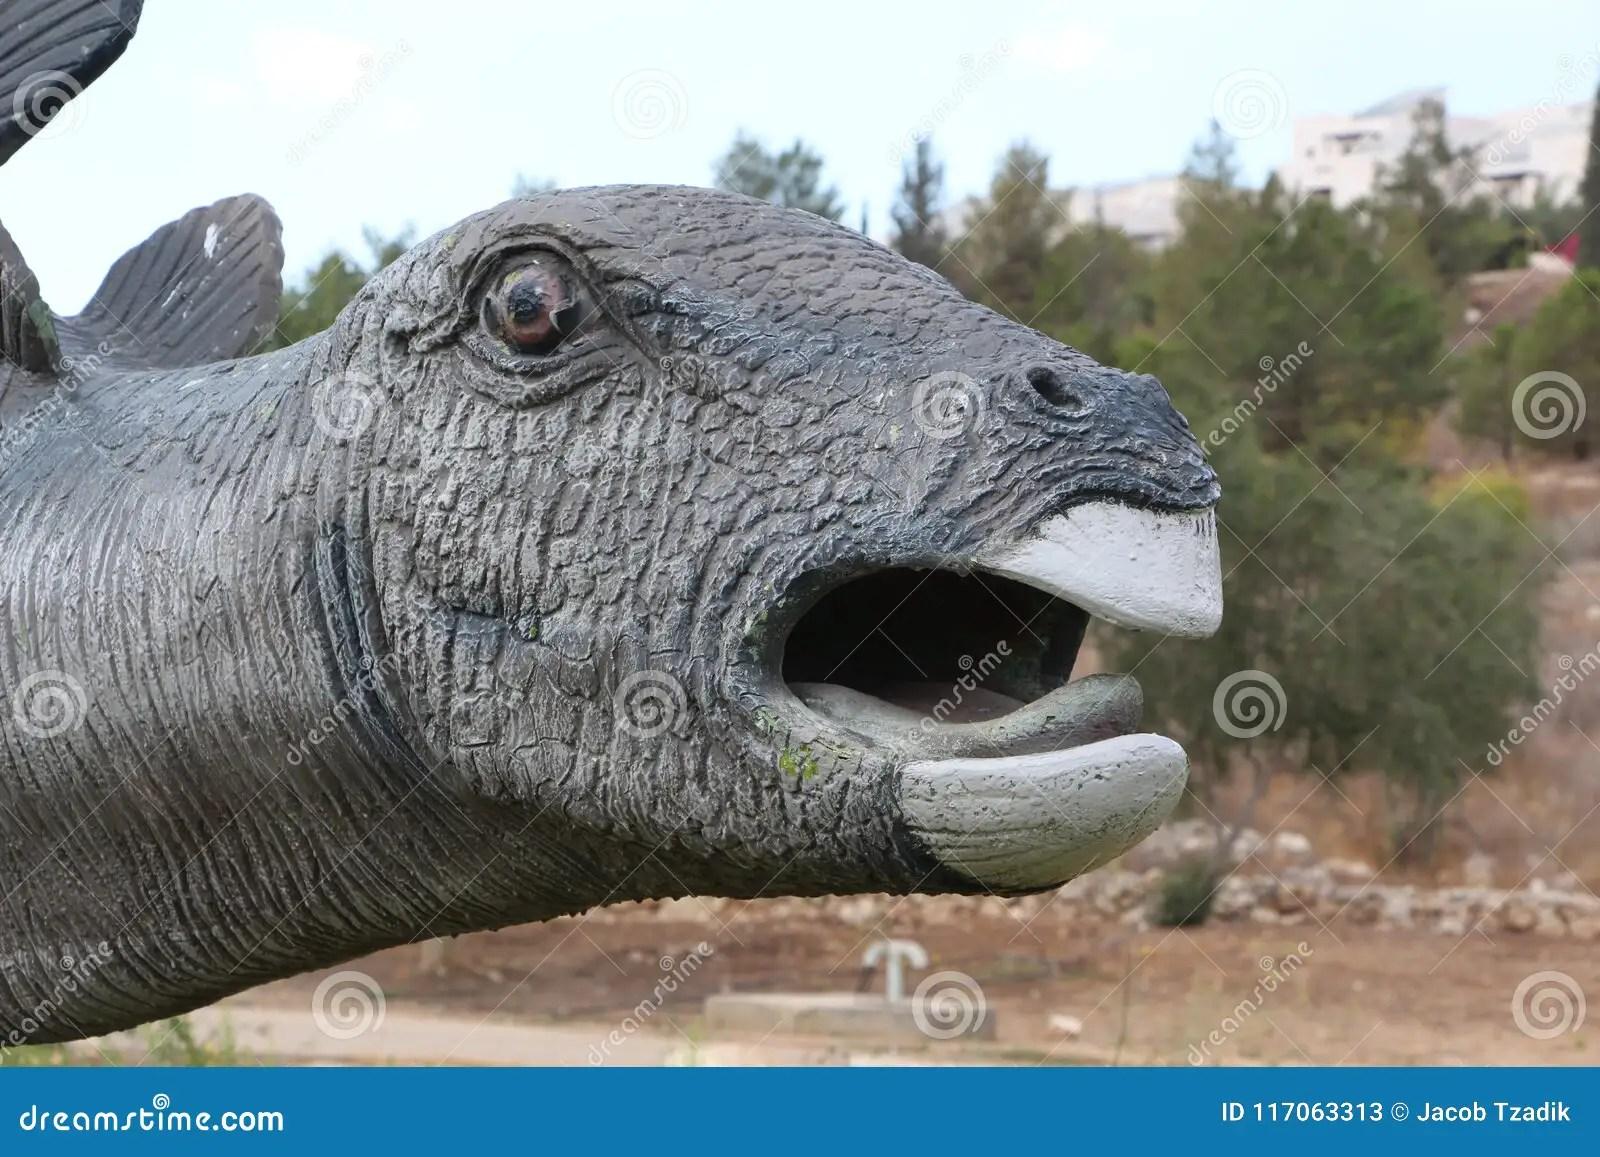 dinosaur statue head from